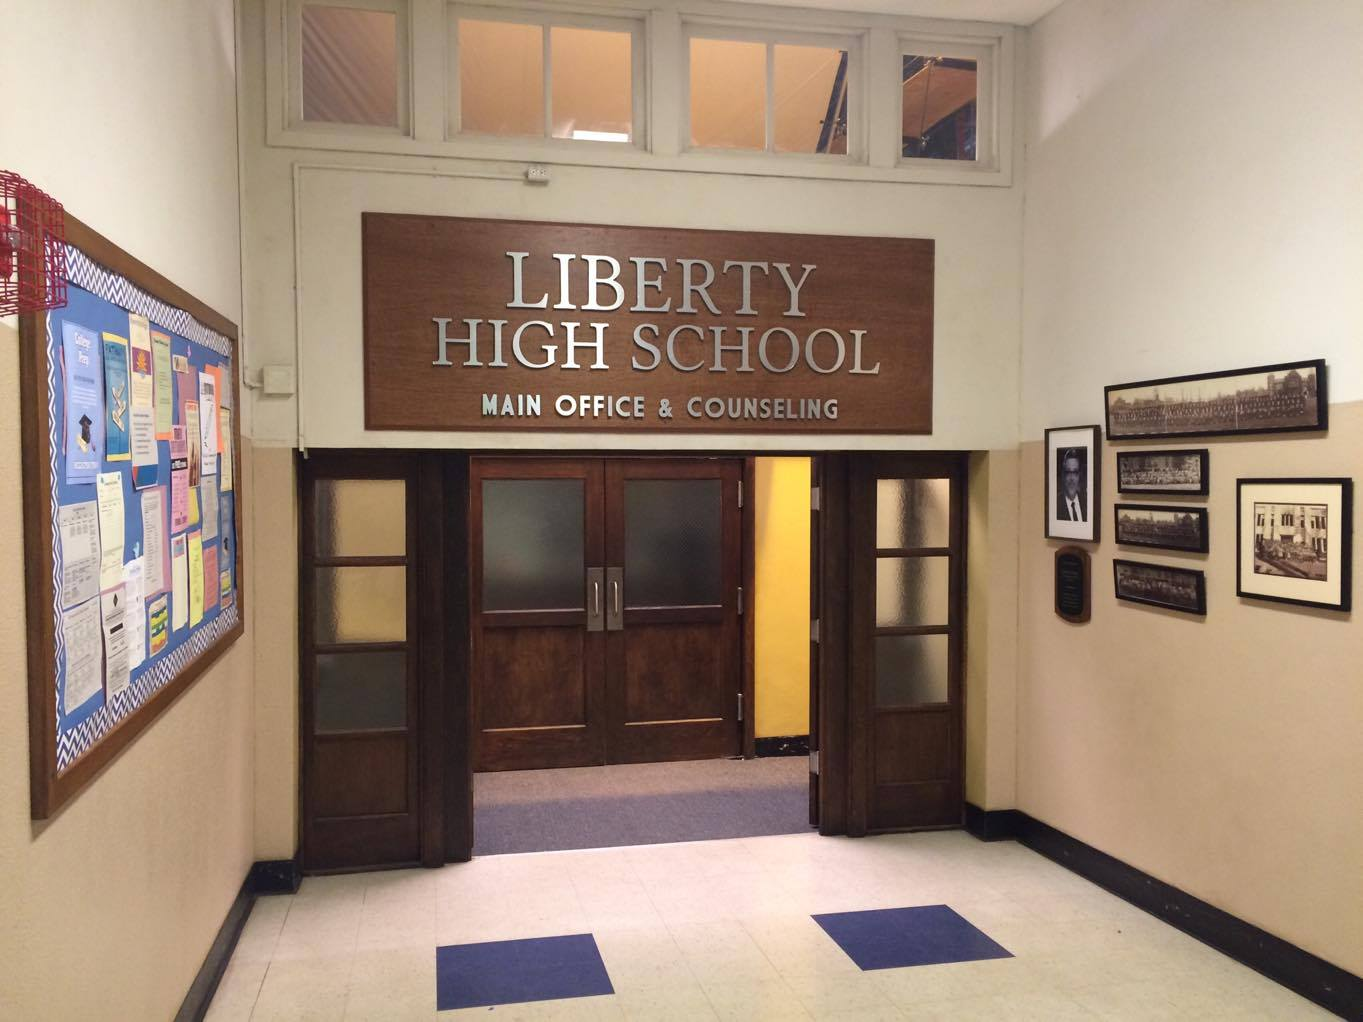 Detalhe do corredor do Liberty High School